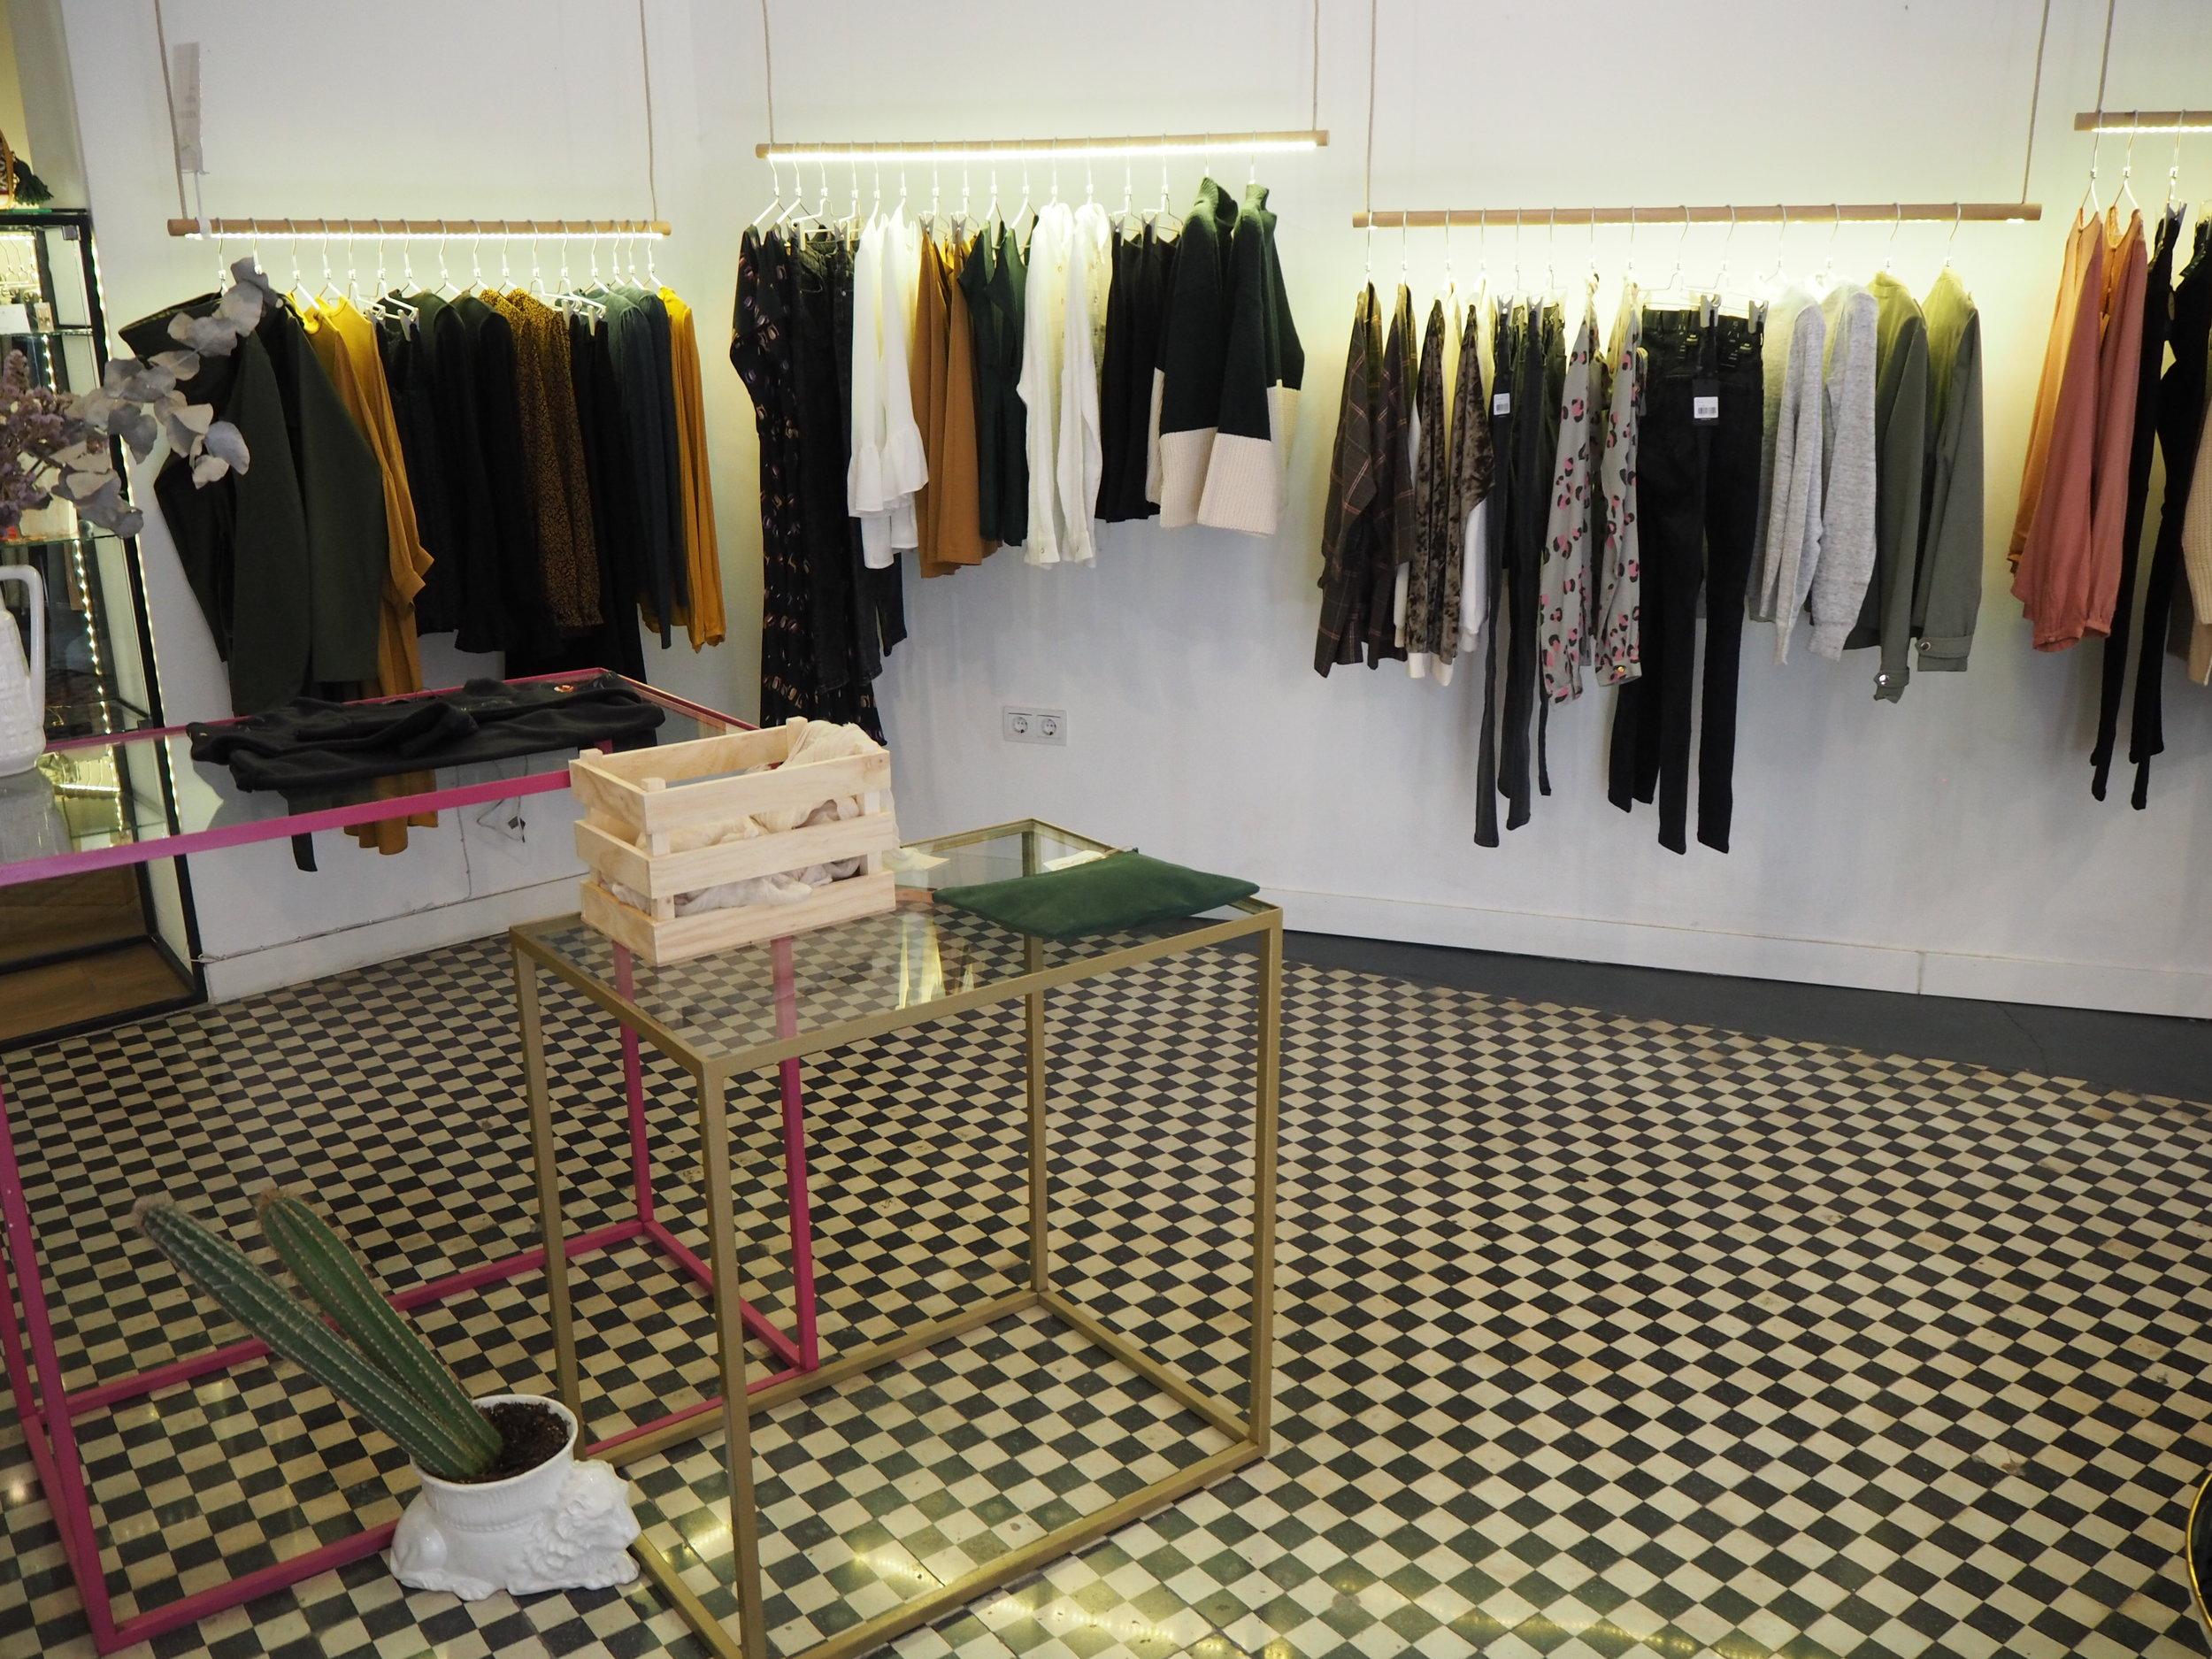 tiendas-ropa-madrid-originales-moda-nordica.JPG